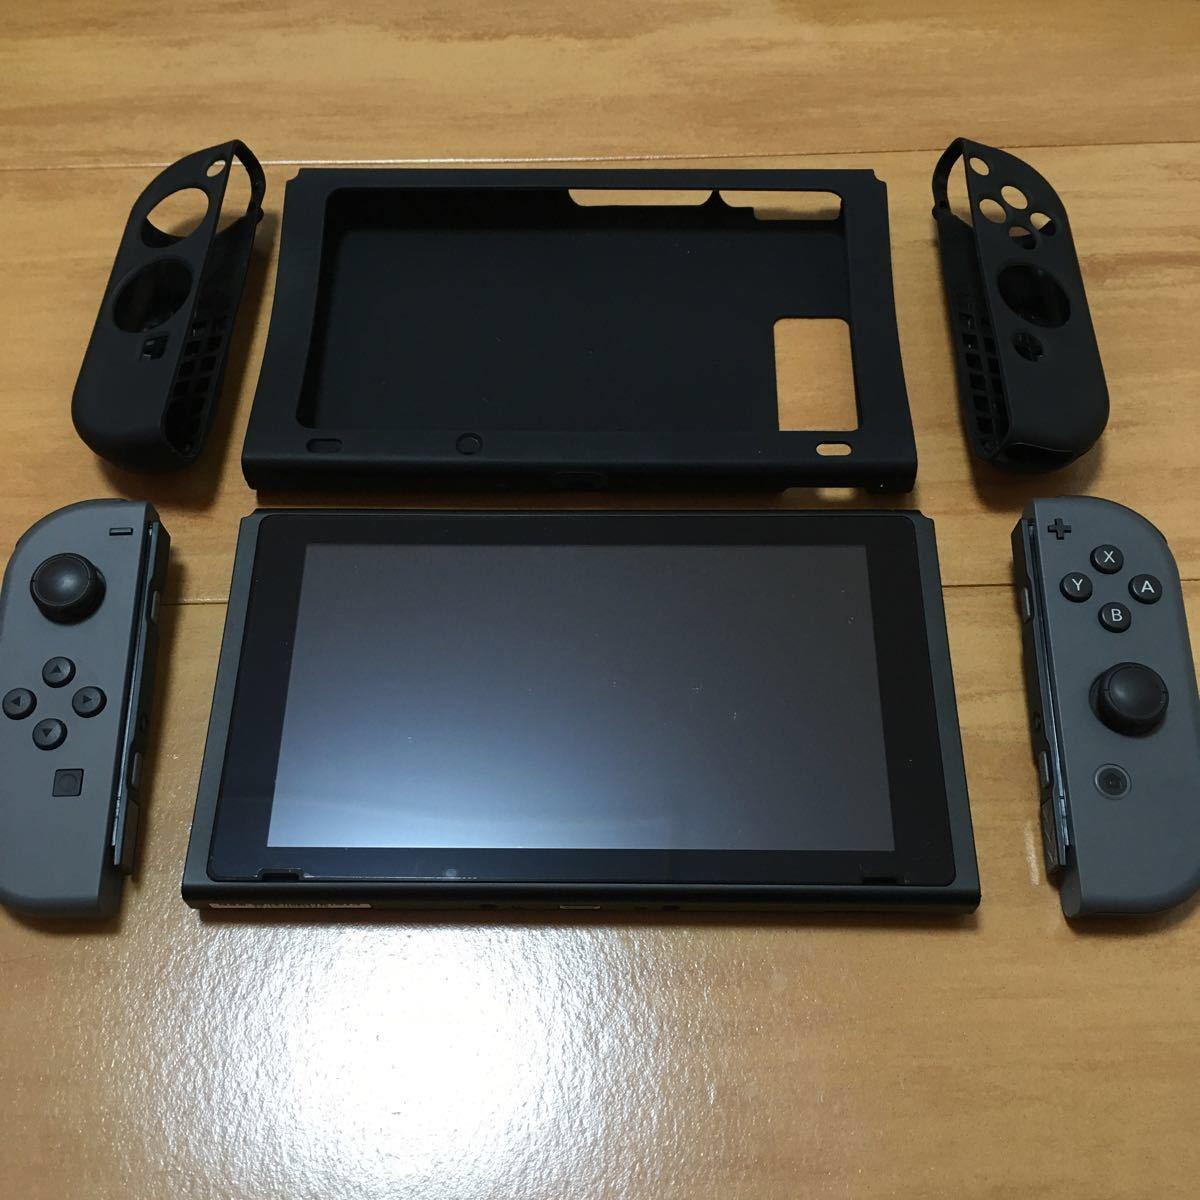 Nintendo Switch 任天堂 ニンテンドースイッチ 動作確認済み プロコントローラー 持ち運びバッグ すぐに遊べる!